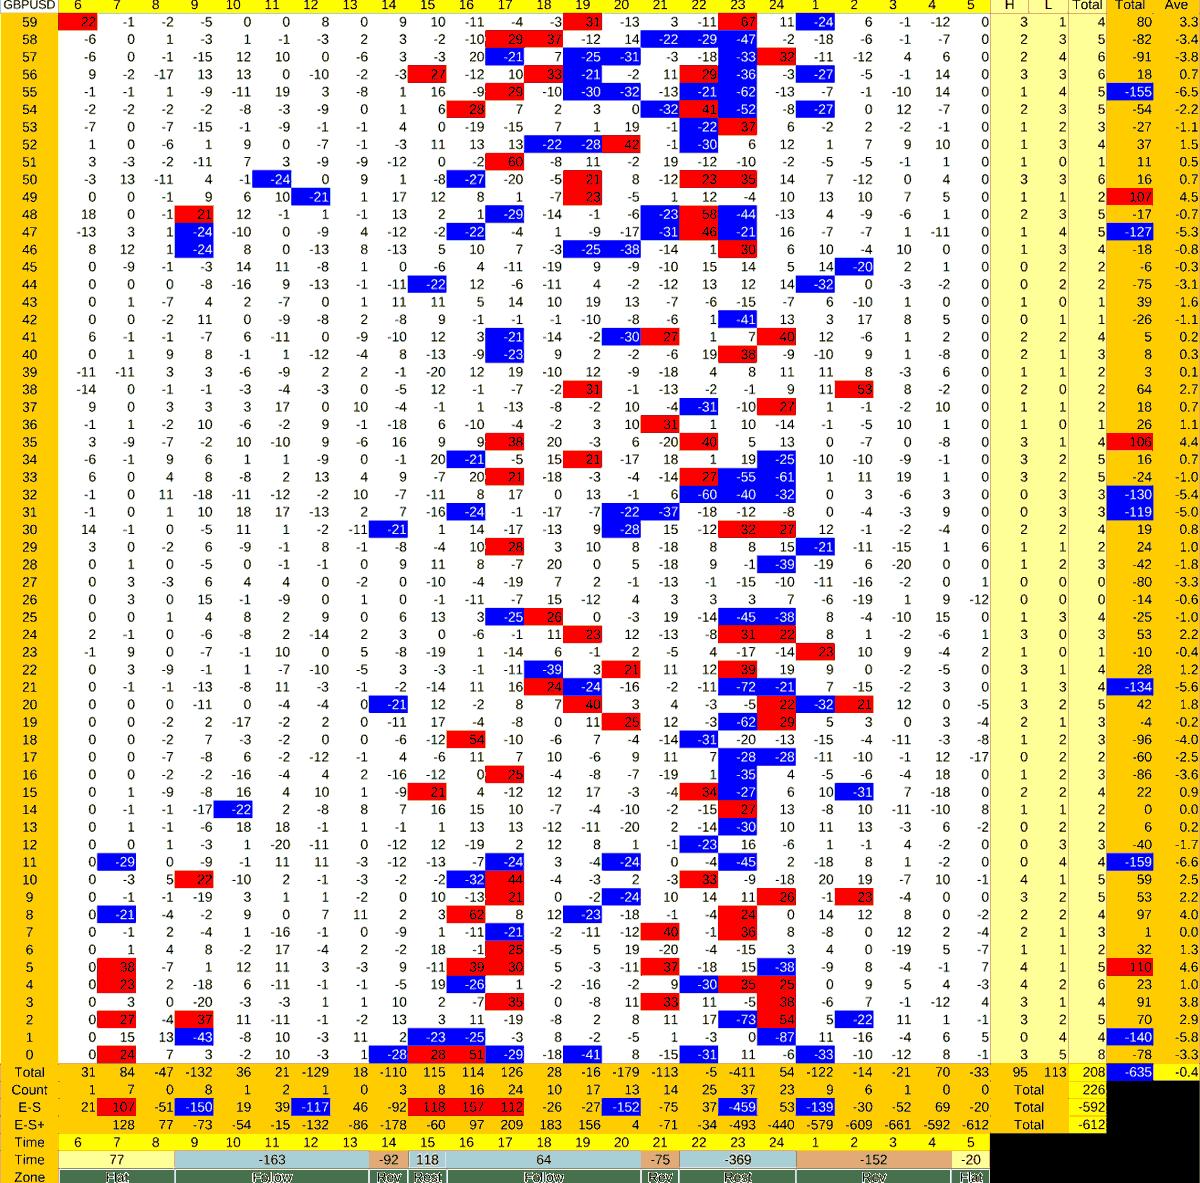 20210730_HS(2)GBPUSD-min